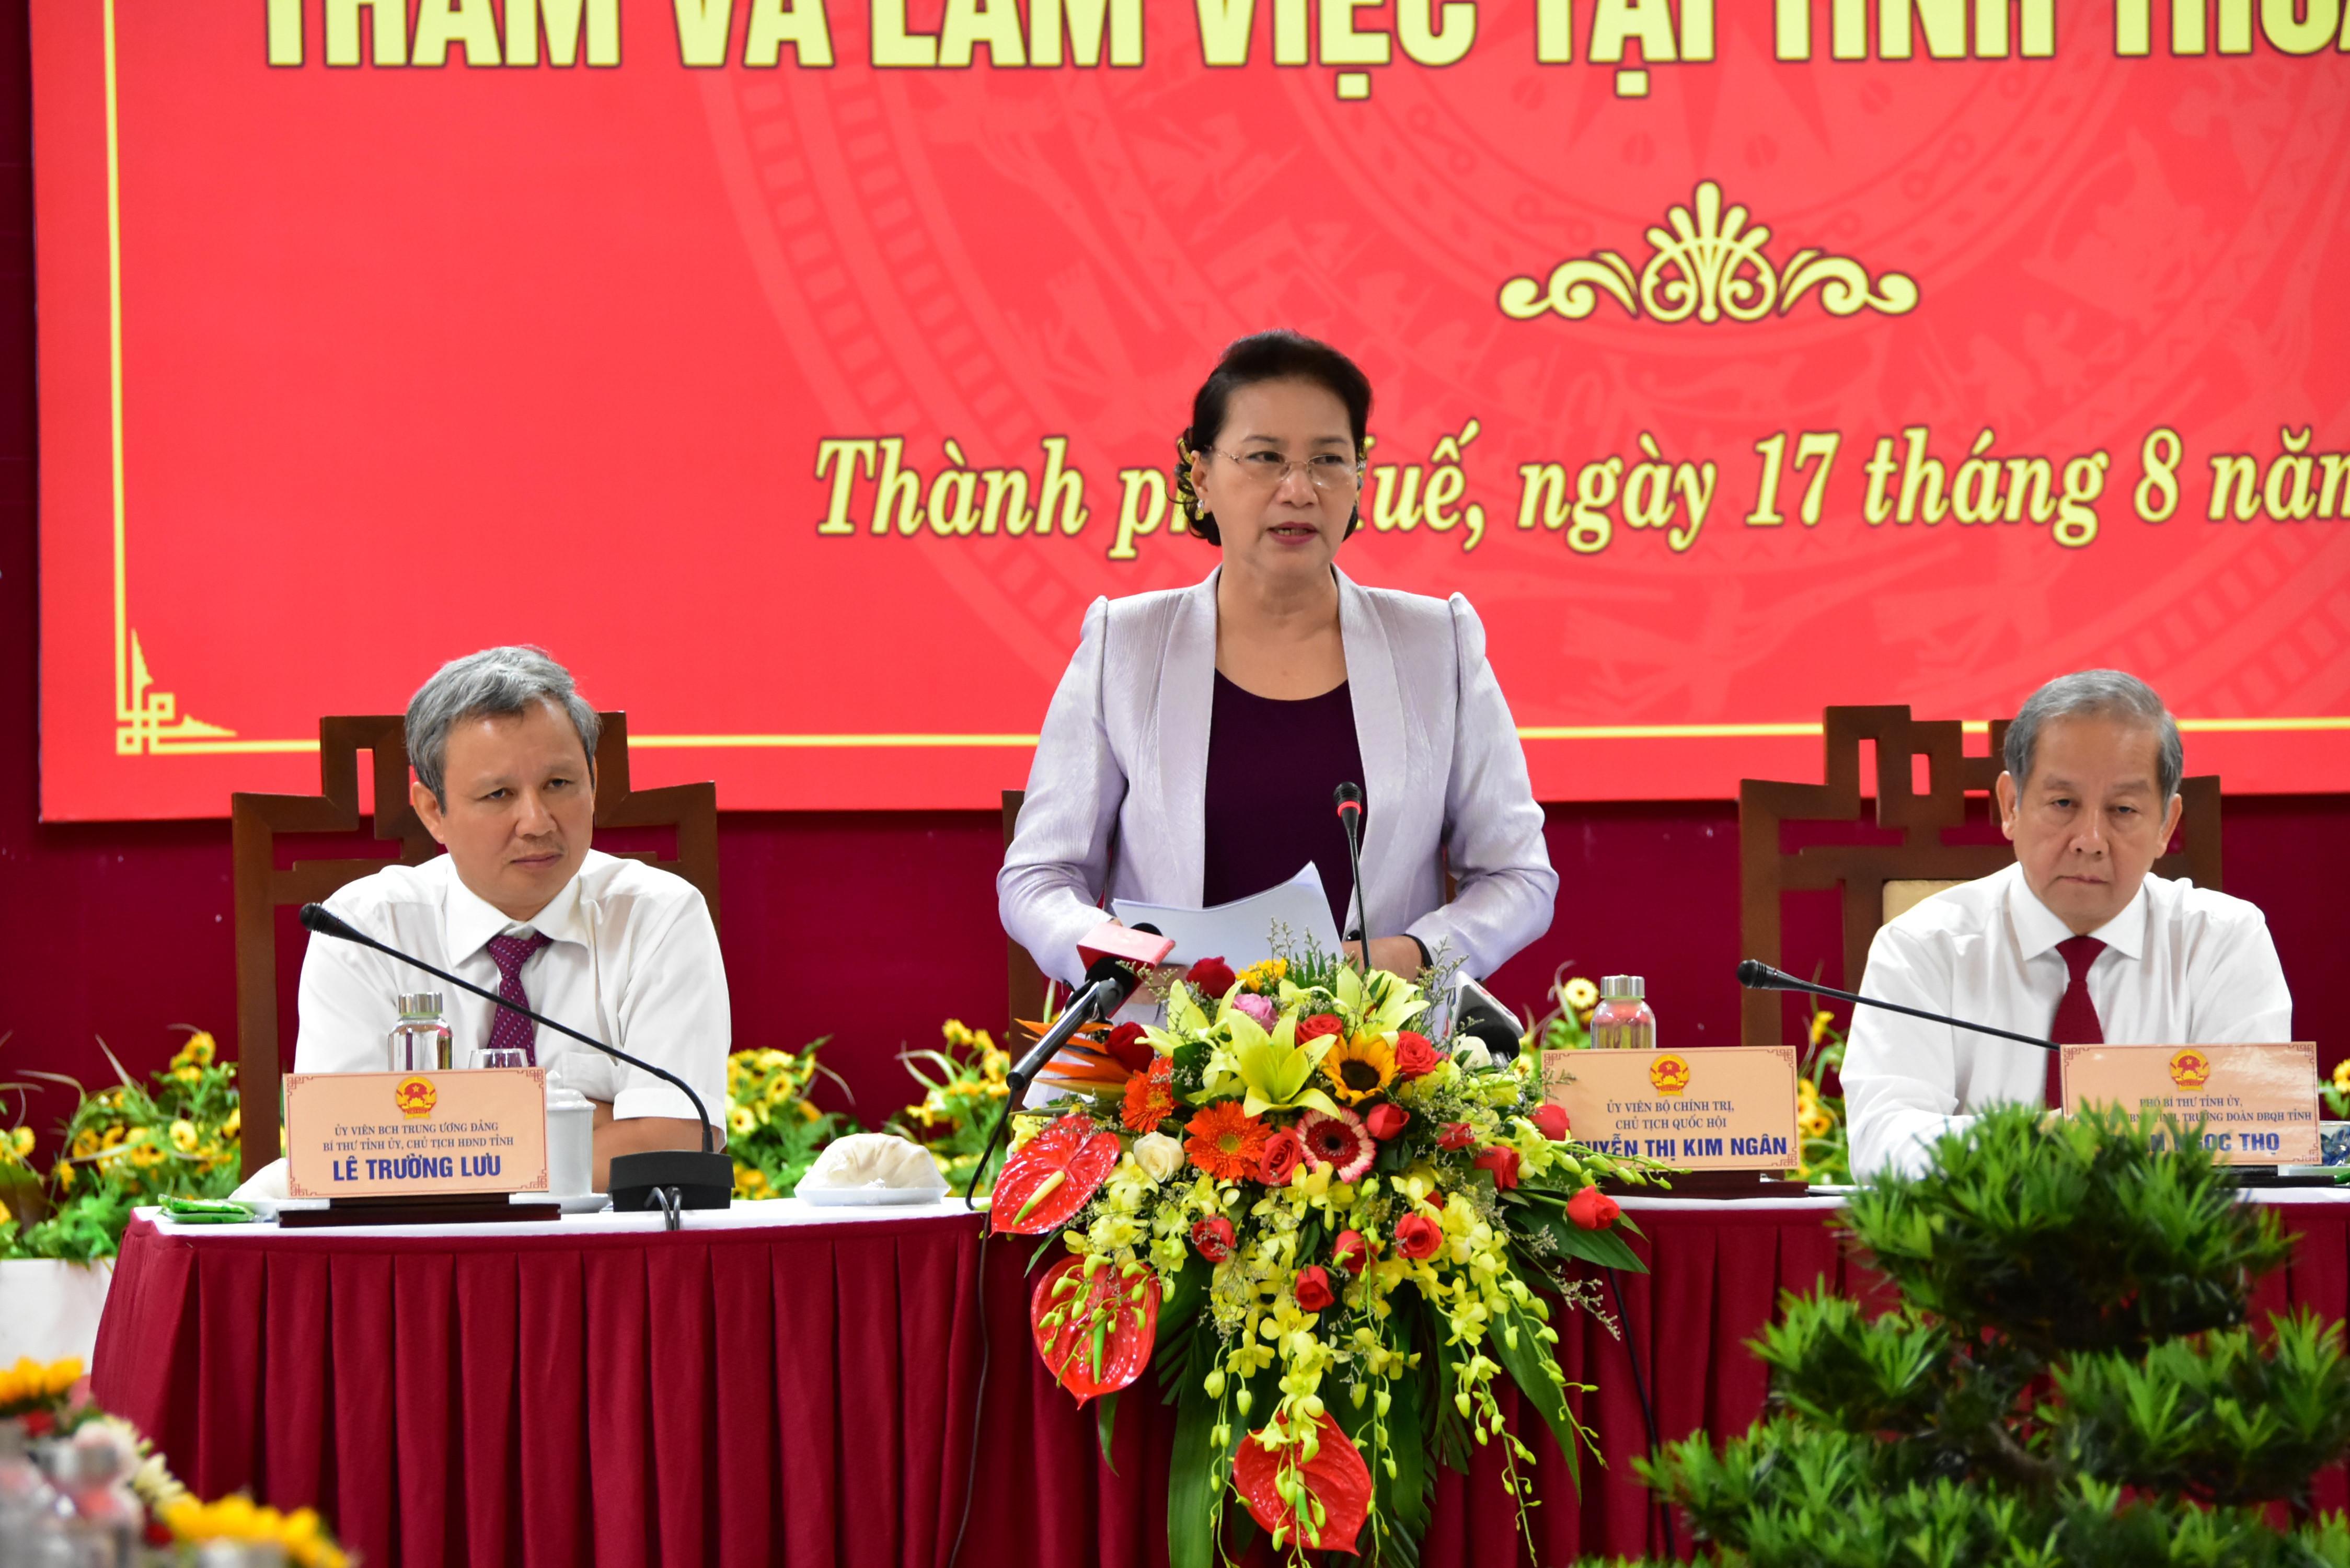 Kiến nghị công nhận Thừa Thiên – Huế là 'đô thị di sản đặc thù', TP trực thuộc T.Ư